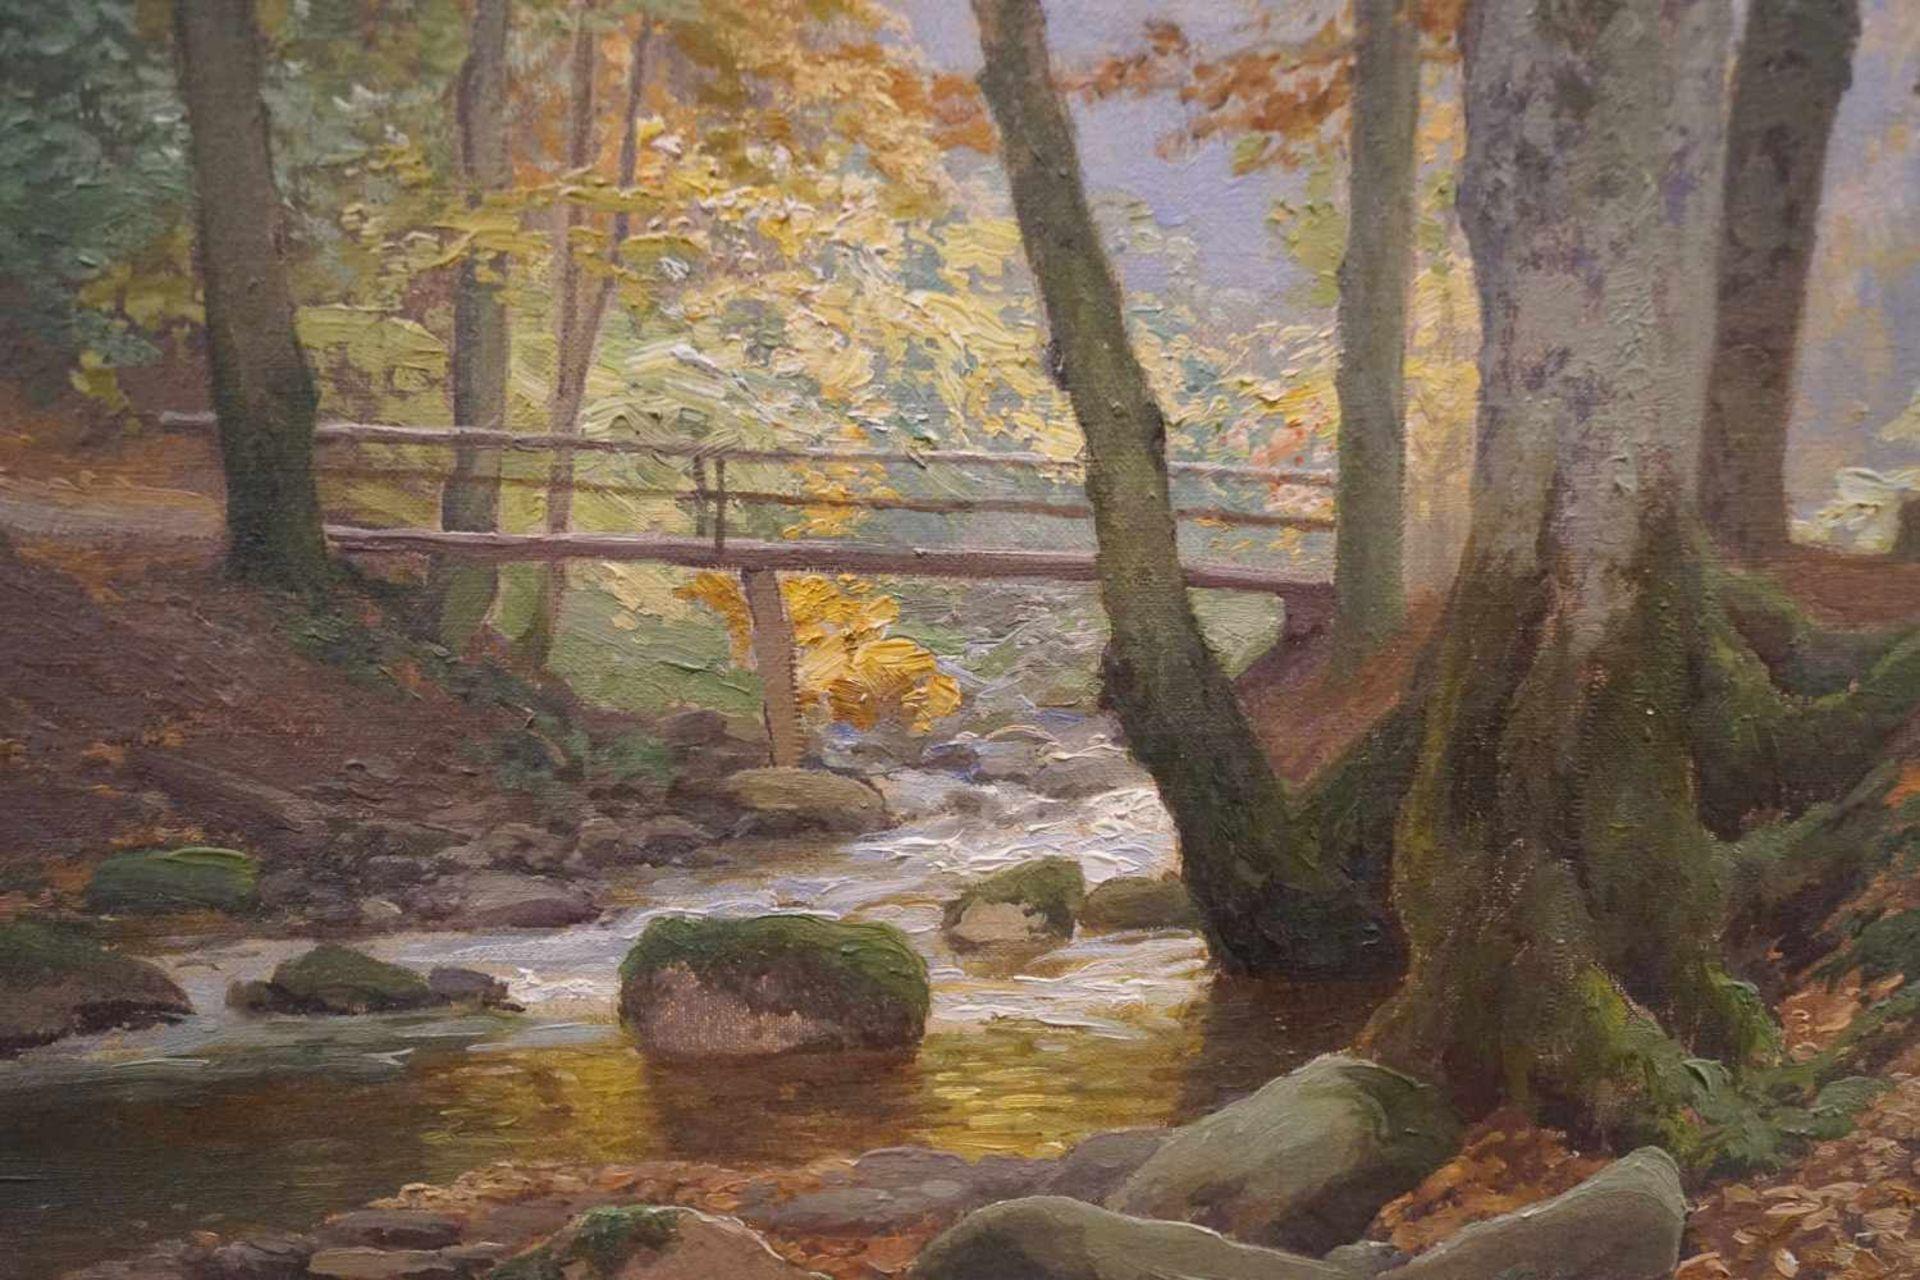 Sonnendurchflutetes Waldstück Heinrich Böhmer der Ältere (1852-1930), Öl/Leinwand, unten links - Bild 2 aus 3